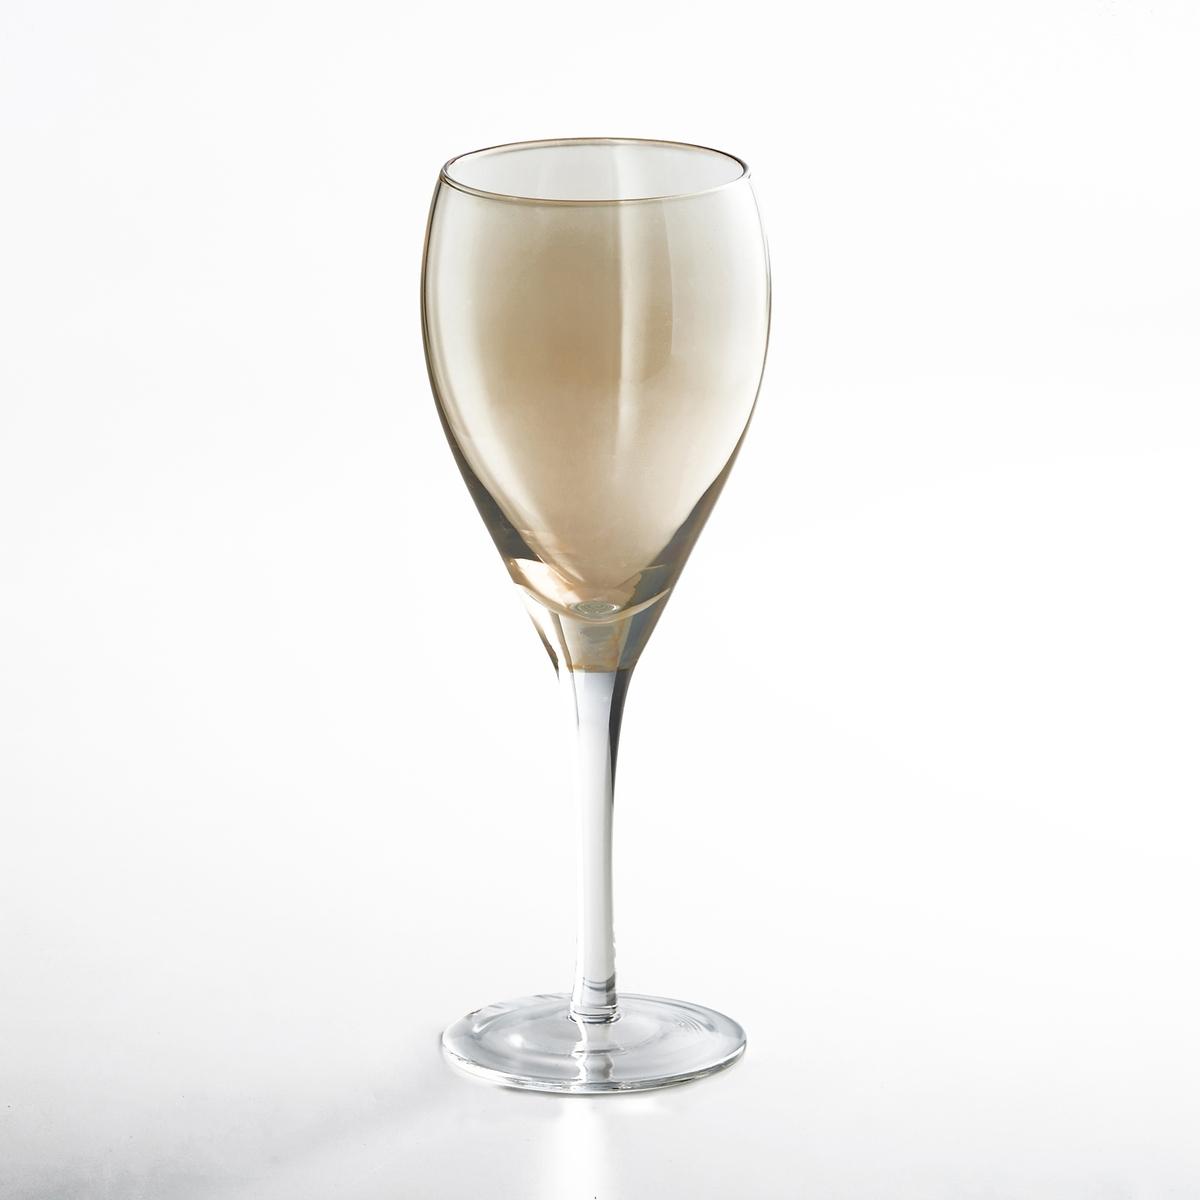 4 бокала под белое вино, KoutineХарактеристики 4 бокалов под белое вино Koutine :- Бокалы шабли на ножке из стекла, выдуваемого ртом - Диаметр : 8,5 см- Высота : 22 см- Подходят для мытья в посудомоечной машине - В комплекте 4 бокала Найдите всю коллекцию Koutine на нашем сайте .<br><br>Цвет: дымчато-серый,янтарь